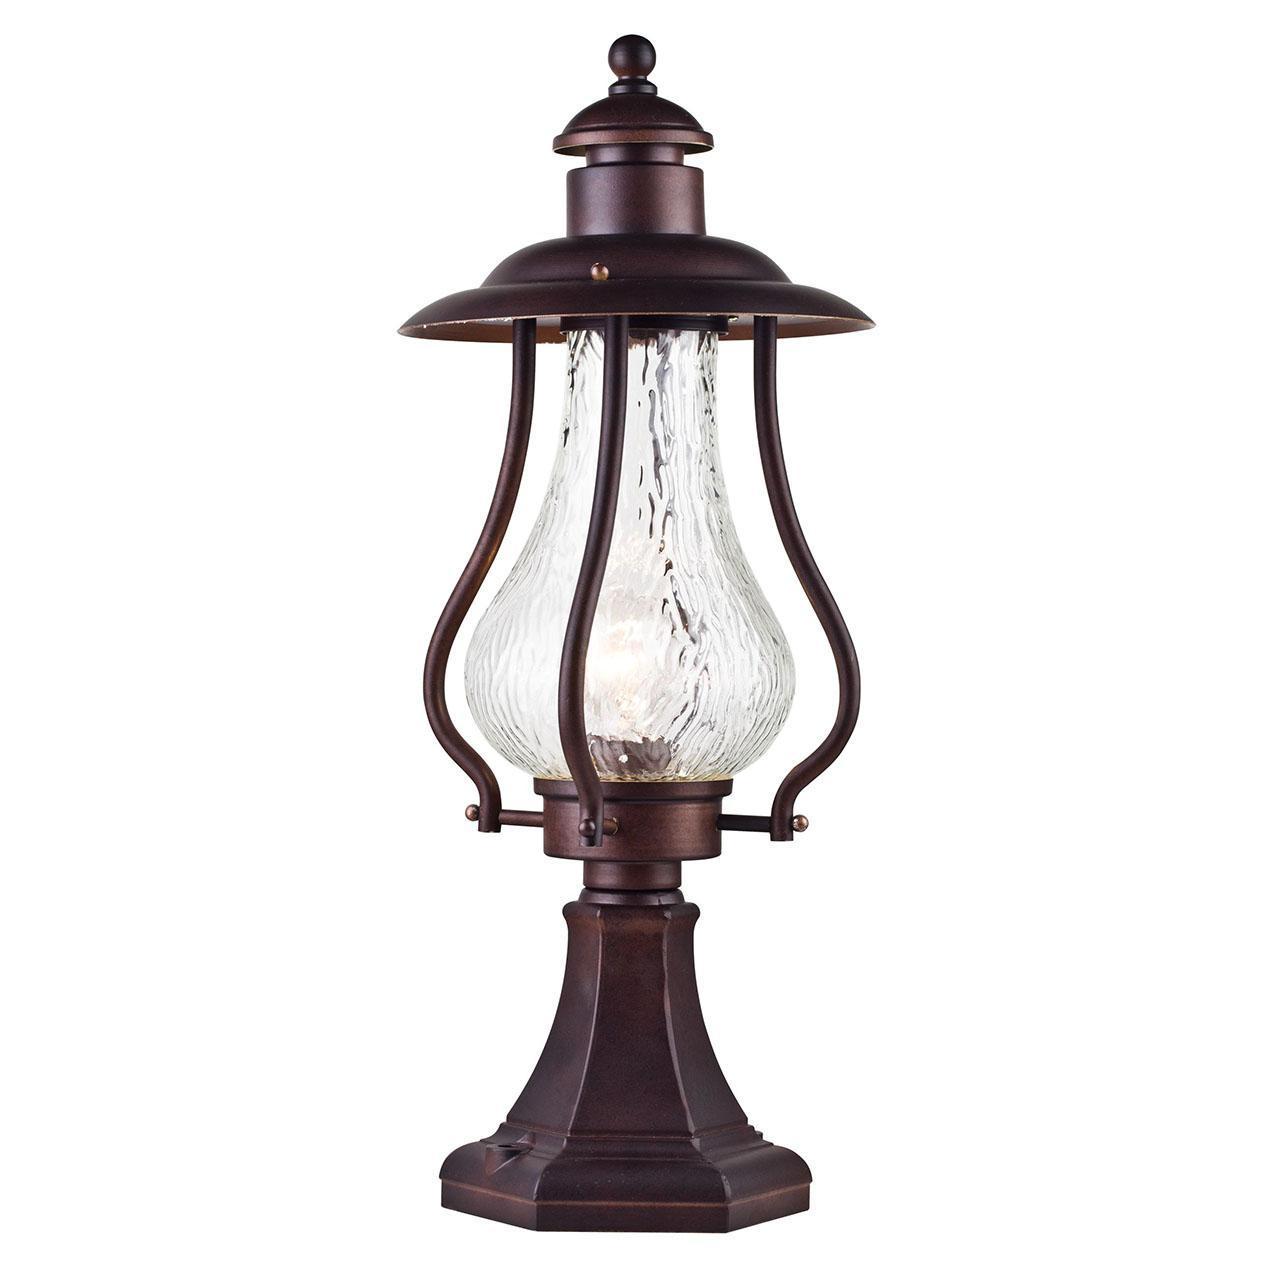 Уличный светильник Maytoni La Rambla S104-59-31-R уличный подвесной светильник maytoni la rambla s104 10 41 r